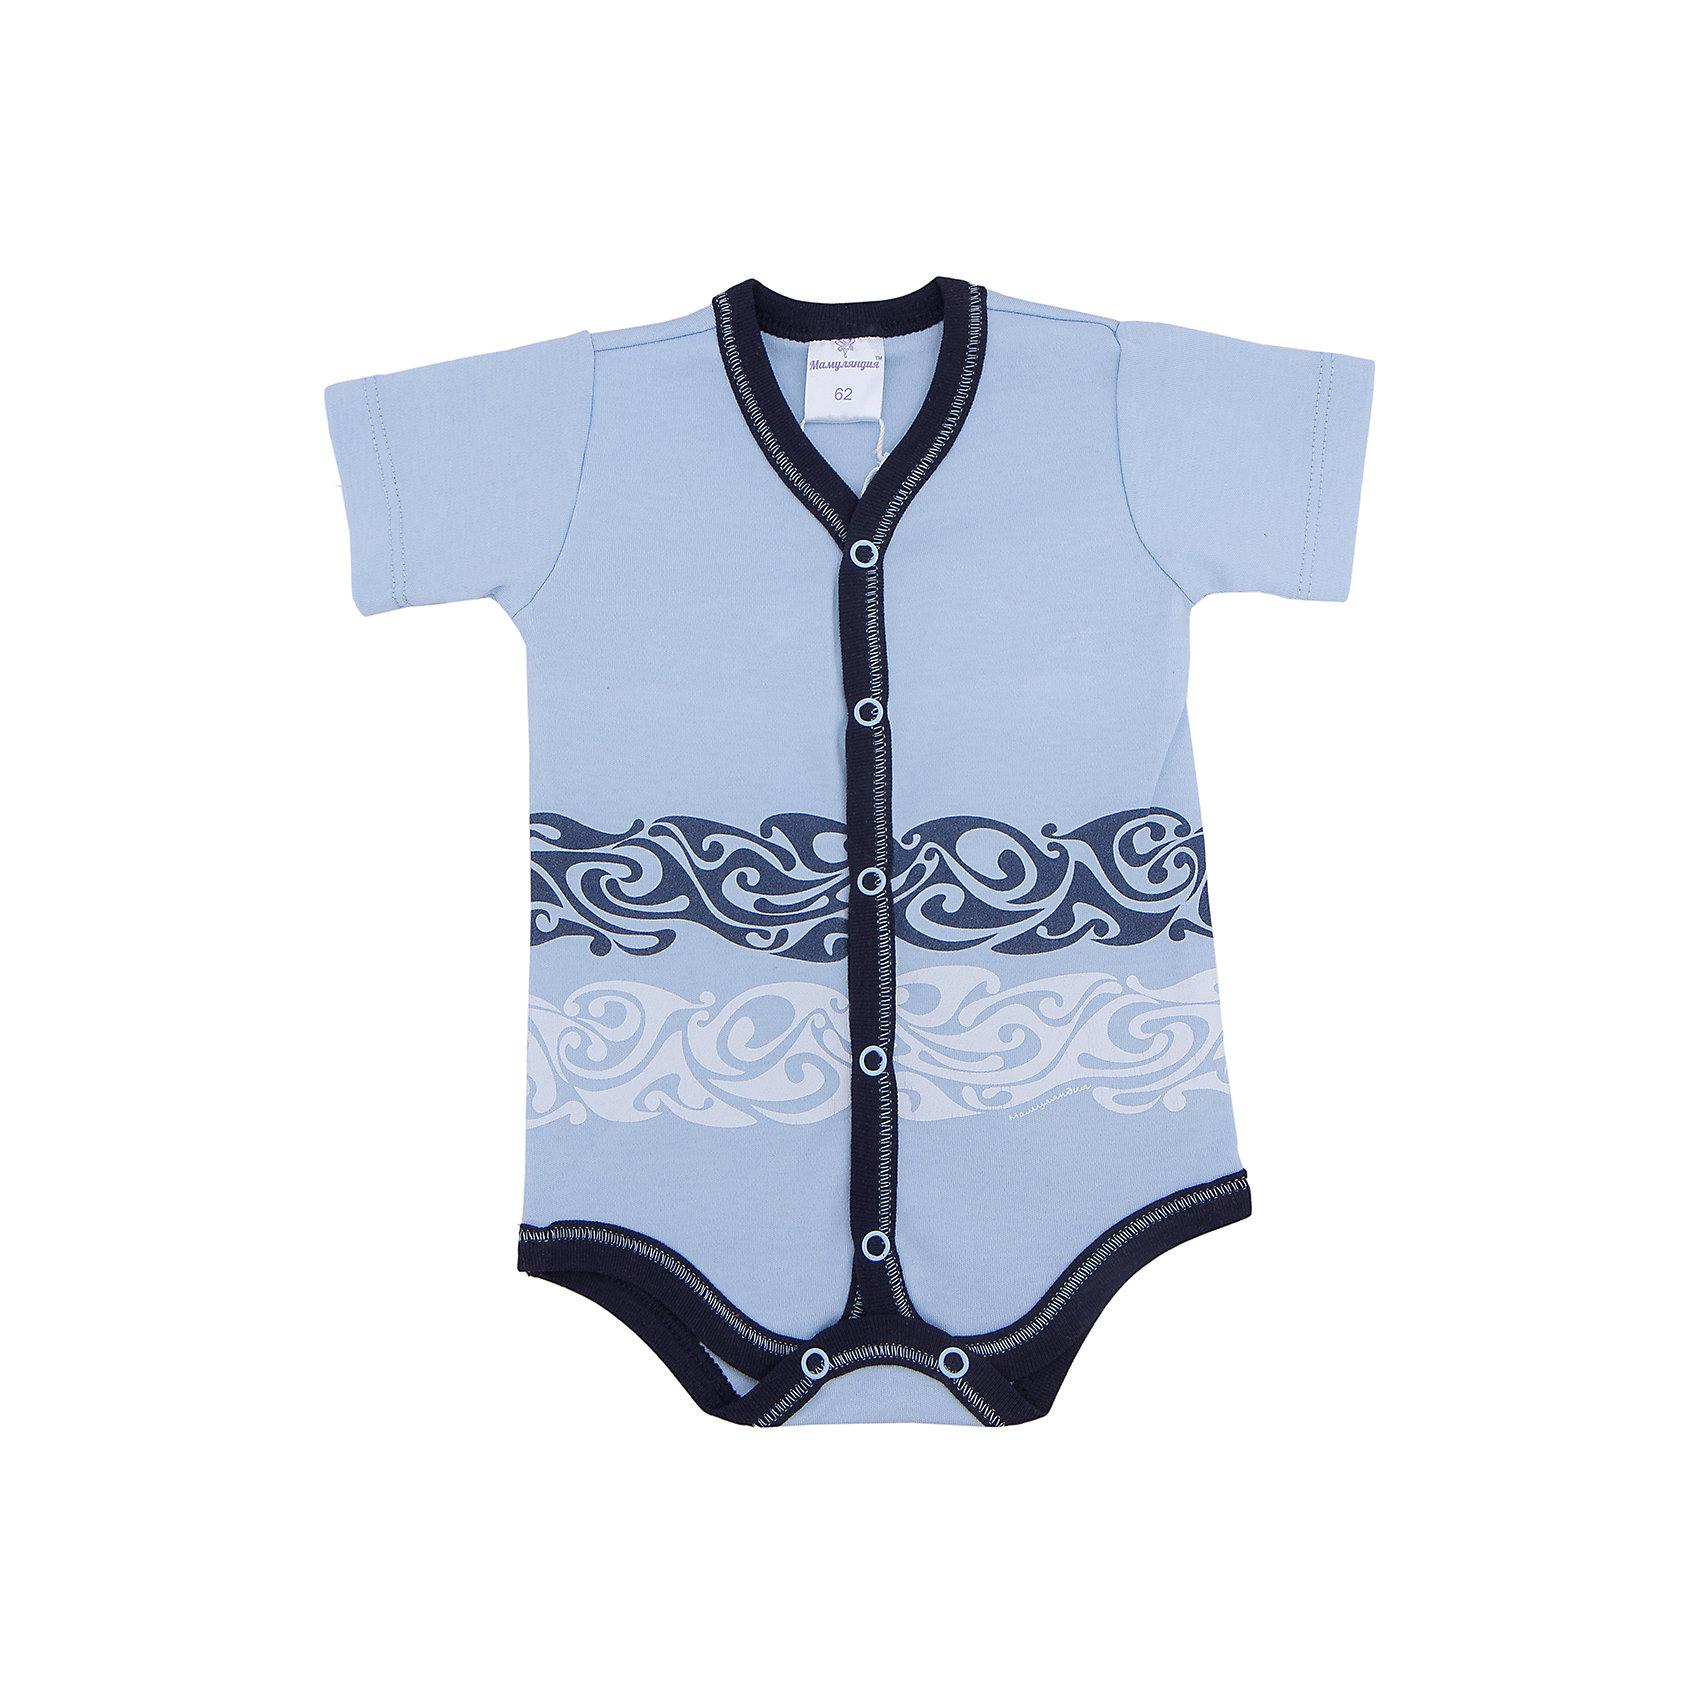 Боди для мальчика МамуляндияБоди  с короткими рукавами из трикотажноготна высшего качества (интерлок пенье). Украшен гипоаллергенным принтом на водной основе, удобное расположение кнопок для переодевания малыша или смены подгузника.<br>Состав 100% хлопок. <br>Рекомендации по уходу: стирать при 40 С, гладить при средней температуре, носить с удовольствием.  100% хлопок<br><br>Ширина мм: 157<br>Глубина мм: 13<br>Высота мм: 119<br>Вес г: 200<br>Цвет: голубой<br>Возраст от месяцев: 0<br>Возраст до месяцев: 3<br>Пол: Мужской<br>Возраст: Детский<br>Размер: 56,86,80,74,68,62<br>SKU: 4735680